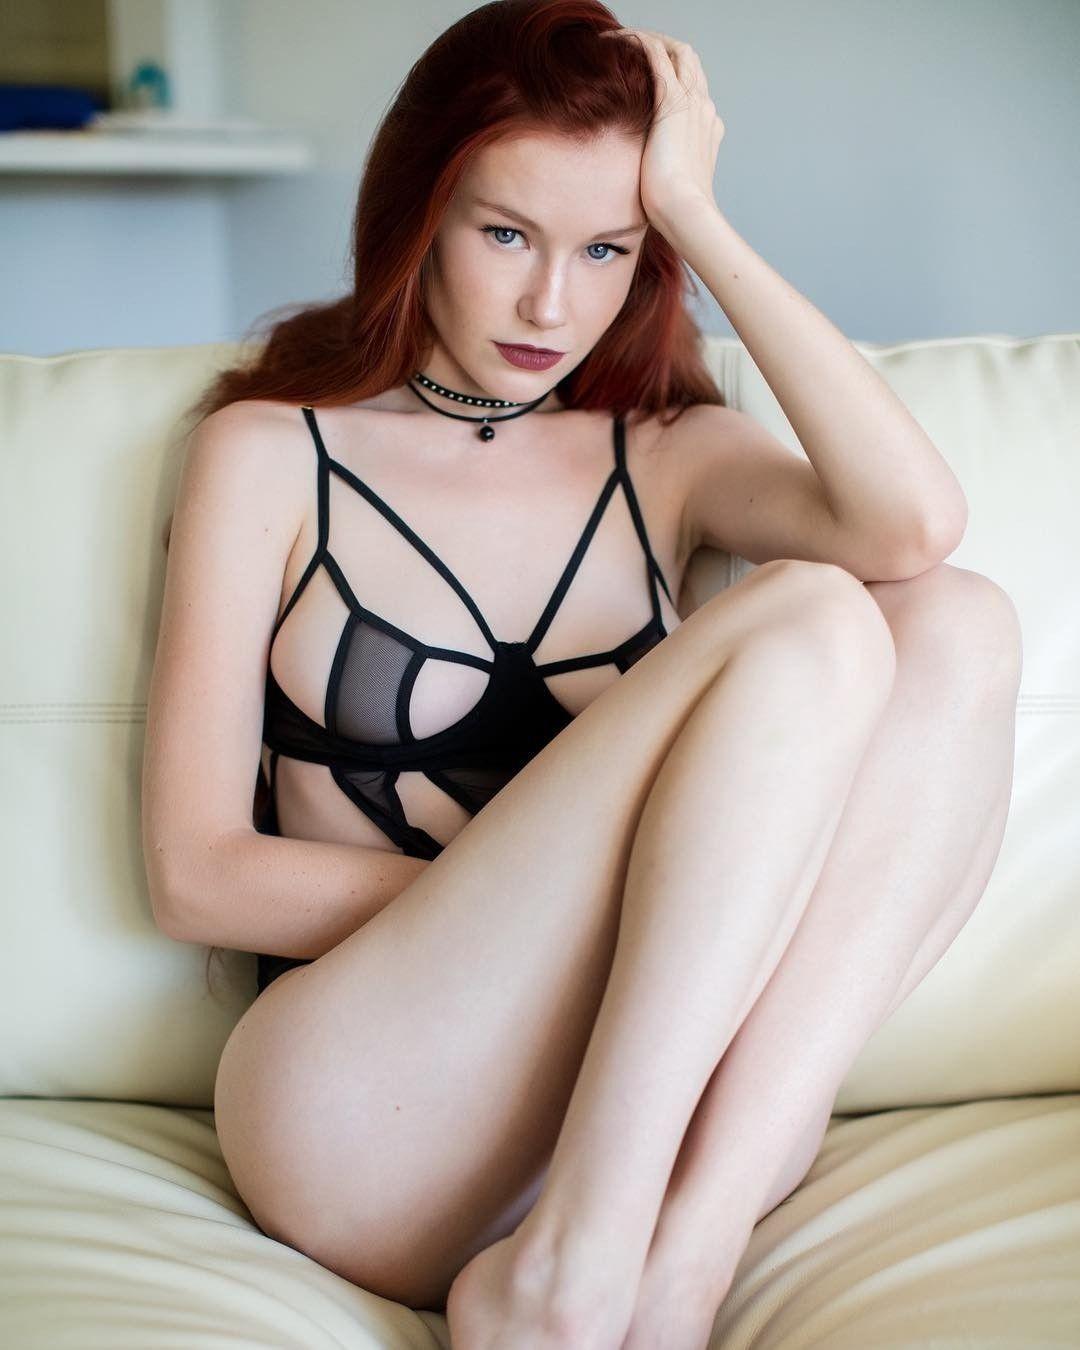 Body hot in mom sex